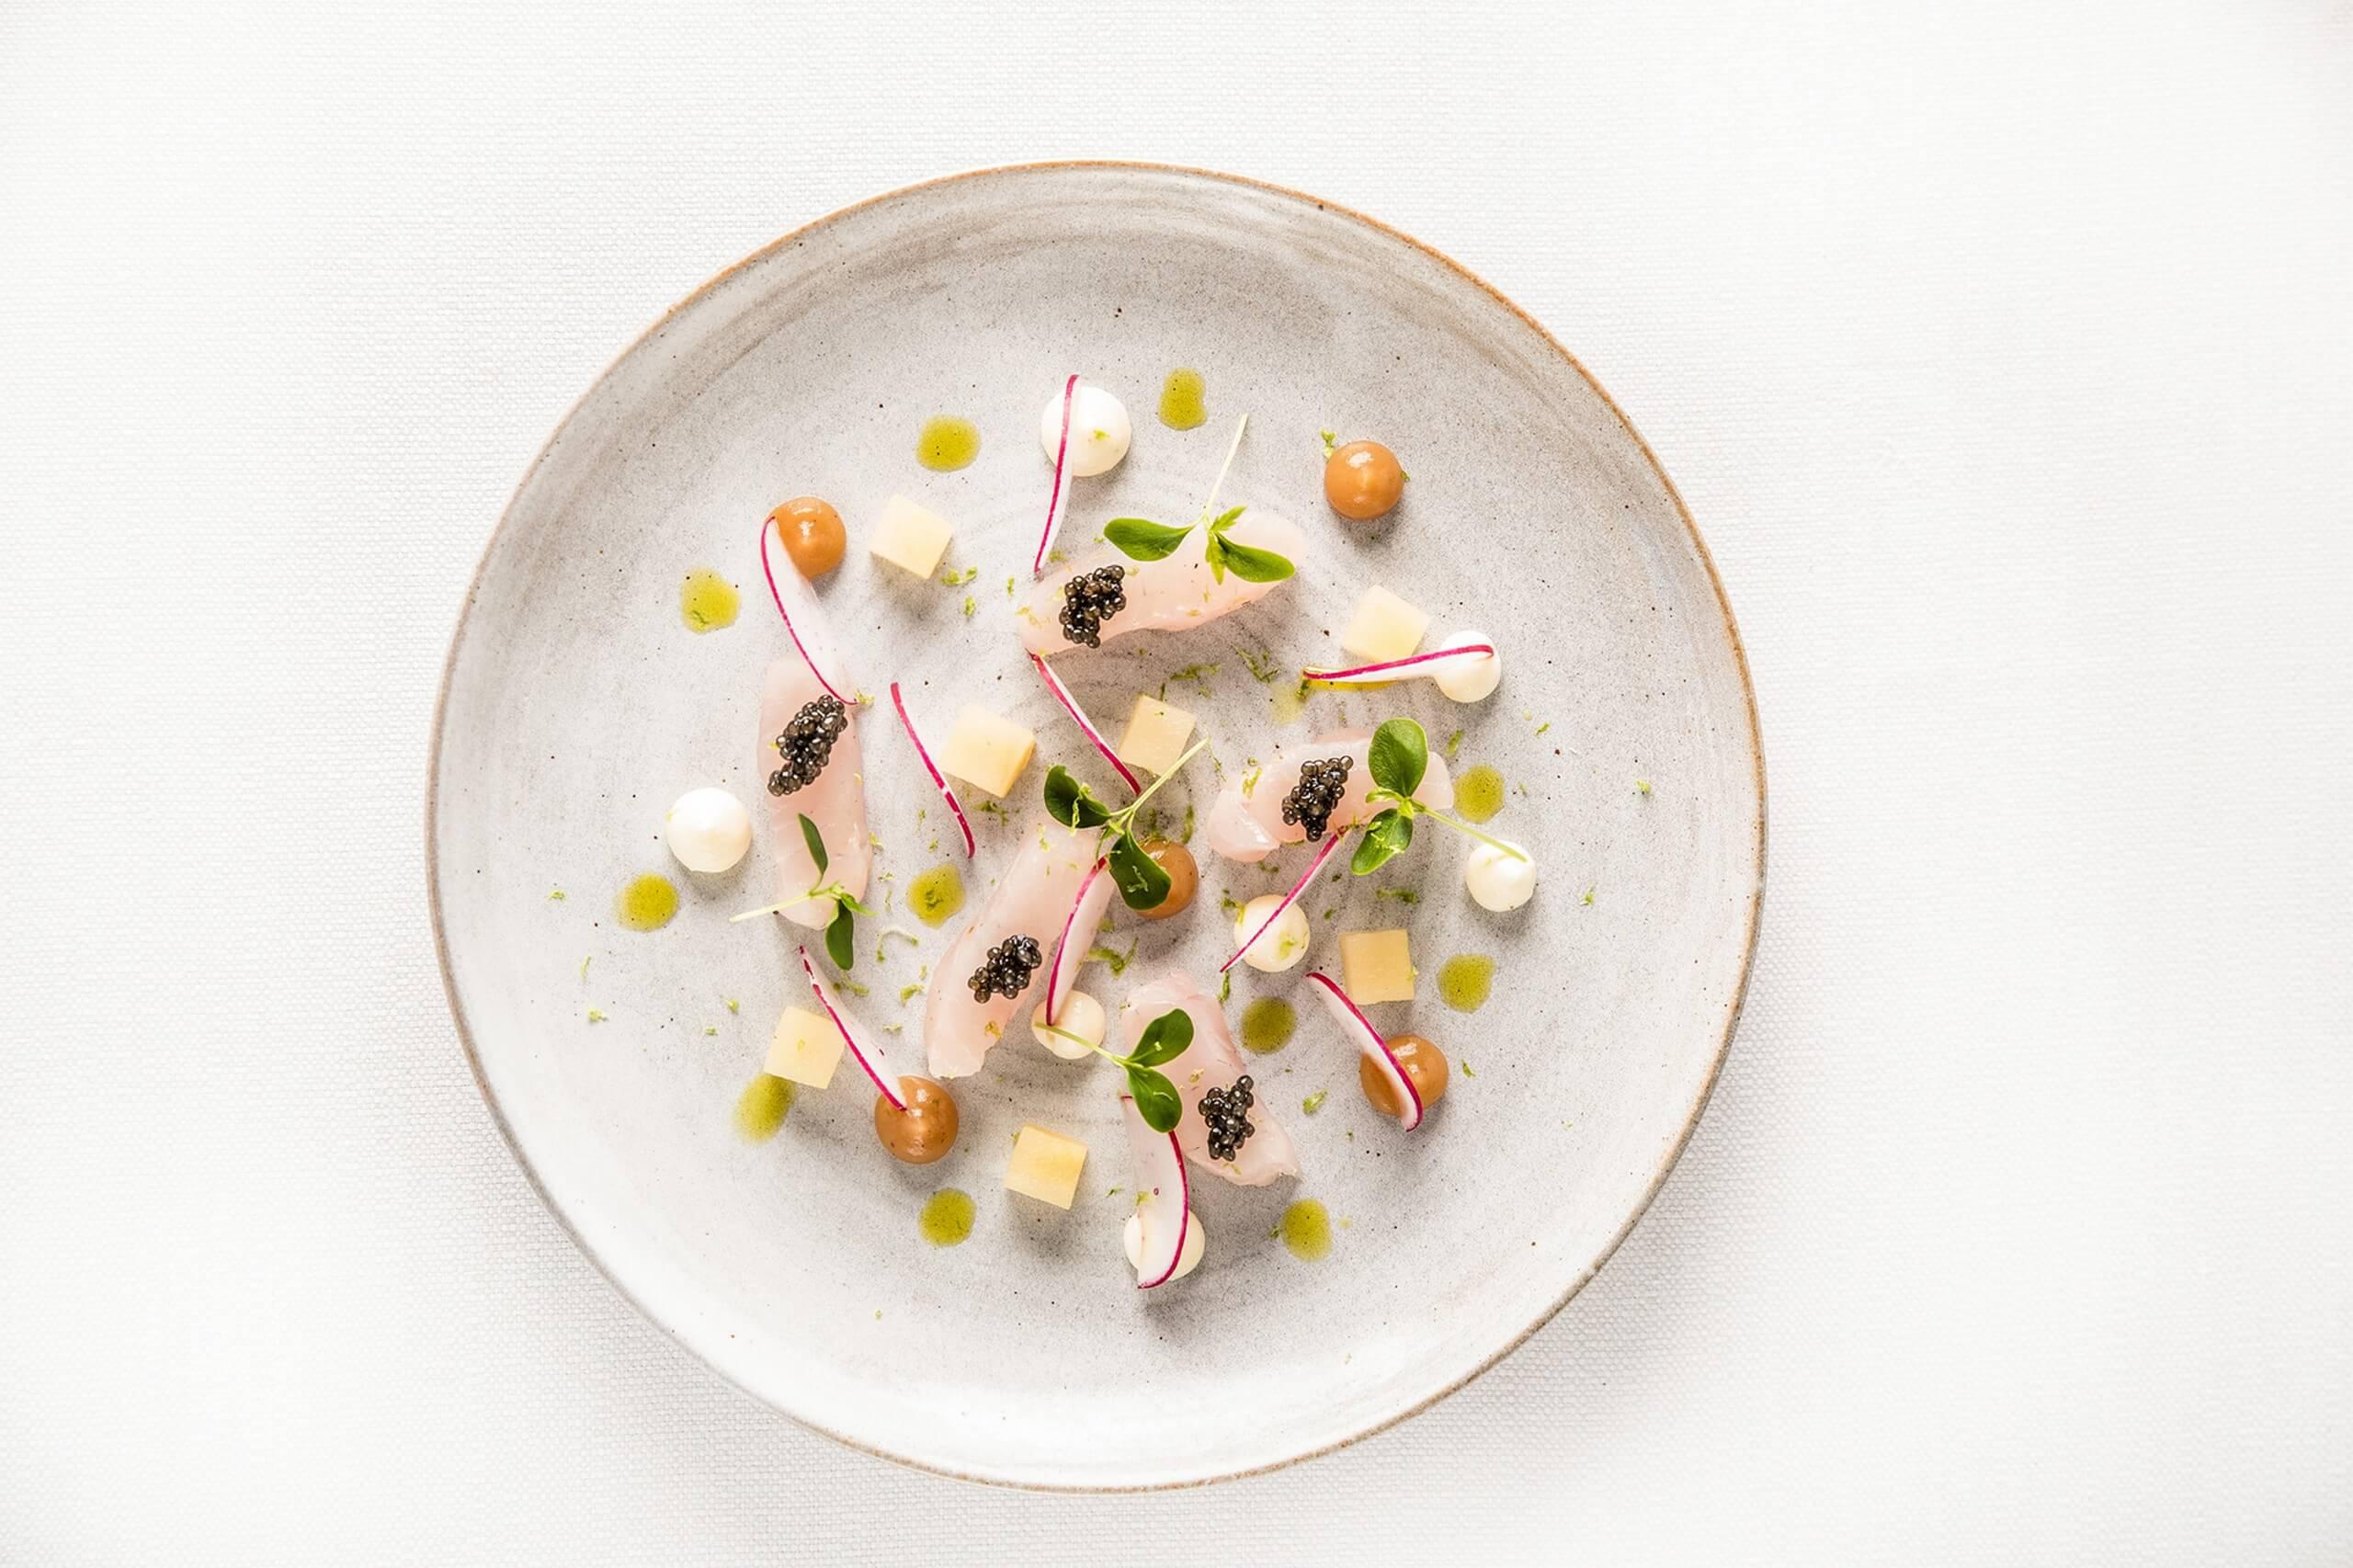 la-terrasse-menu-herbst-farbig